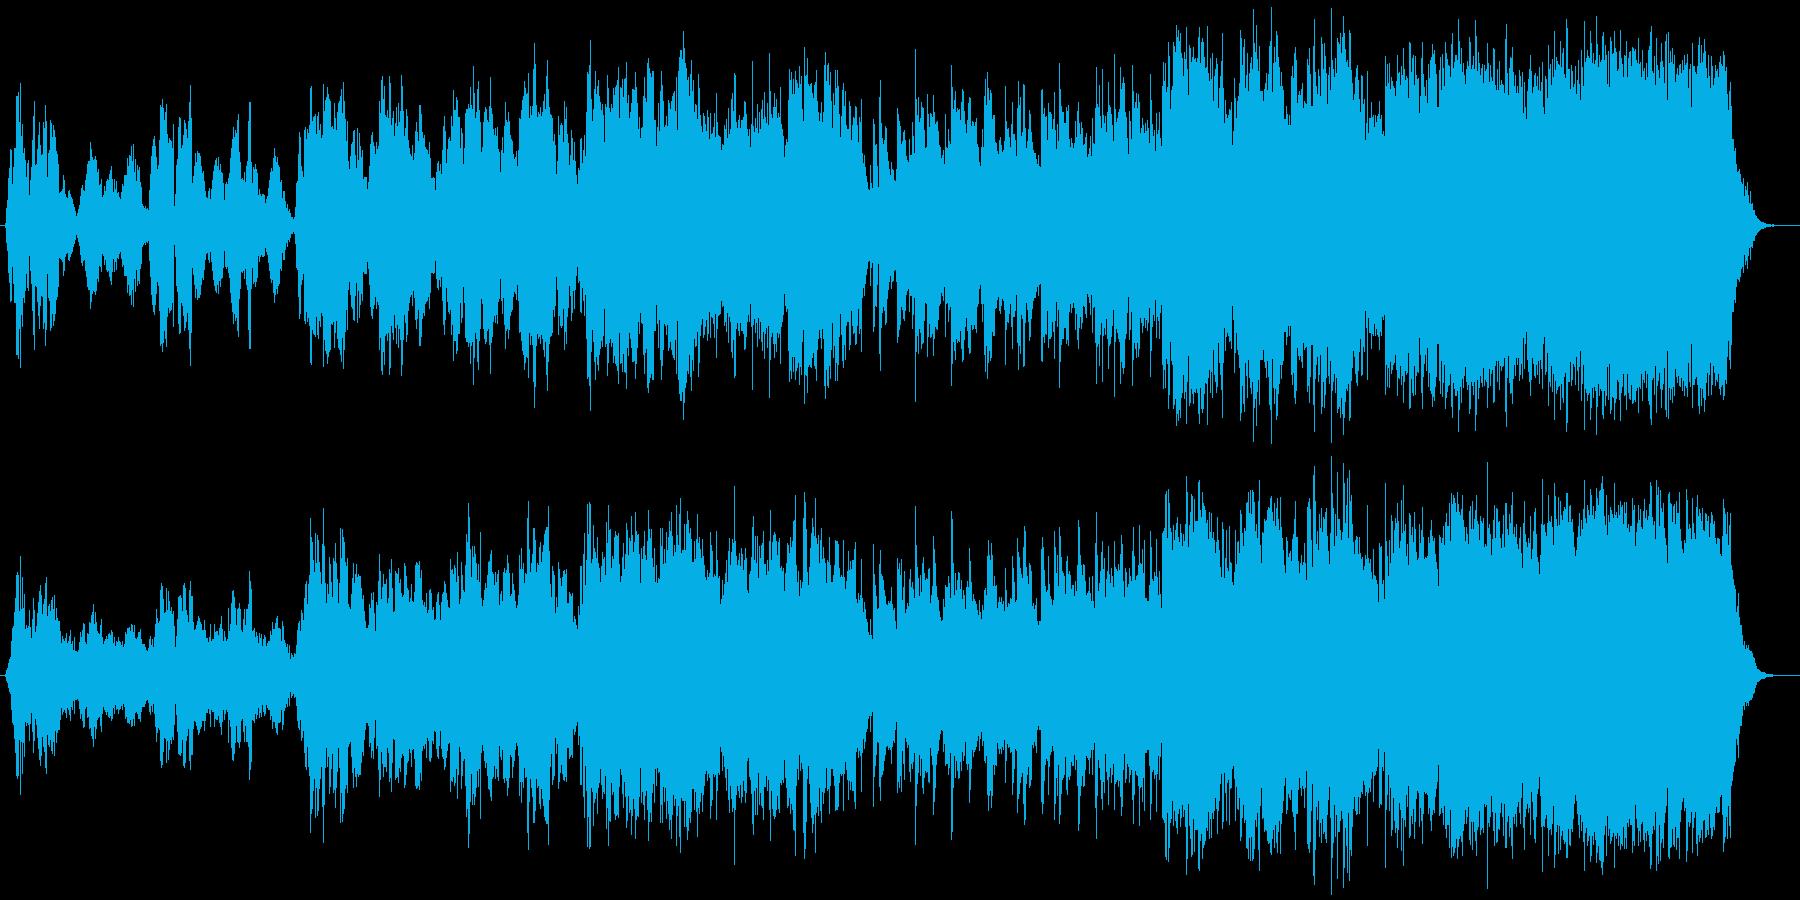 切なく哀しげなバイオリン・ピアノサウンドの再生済みの波形